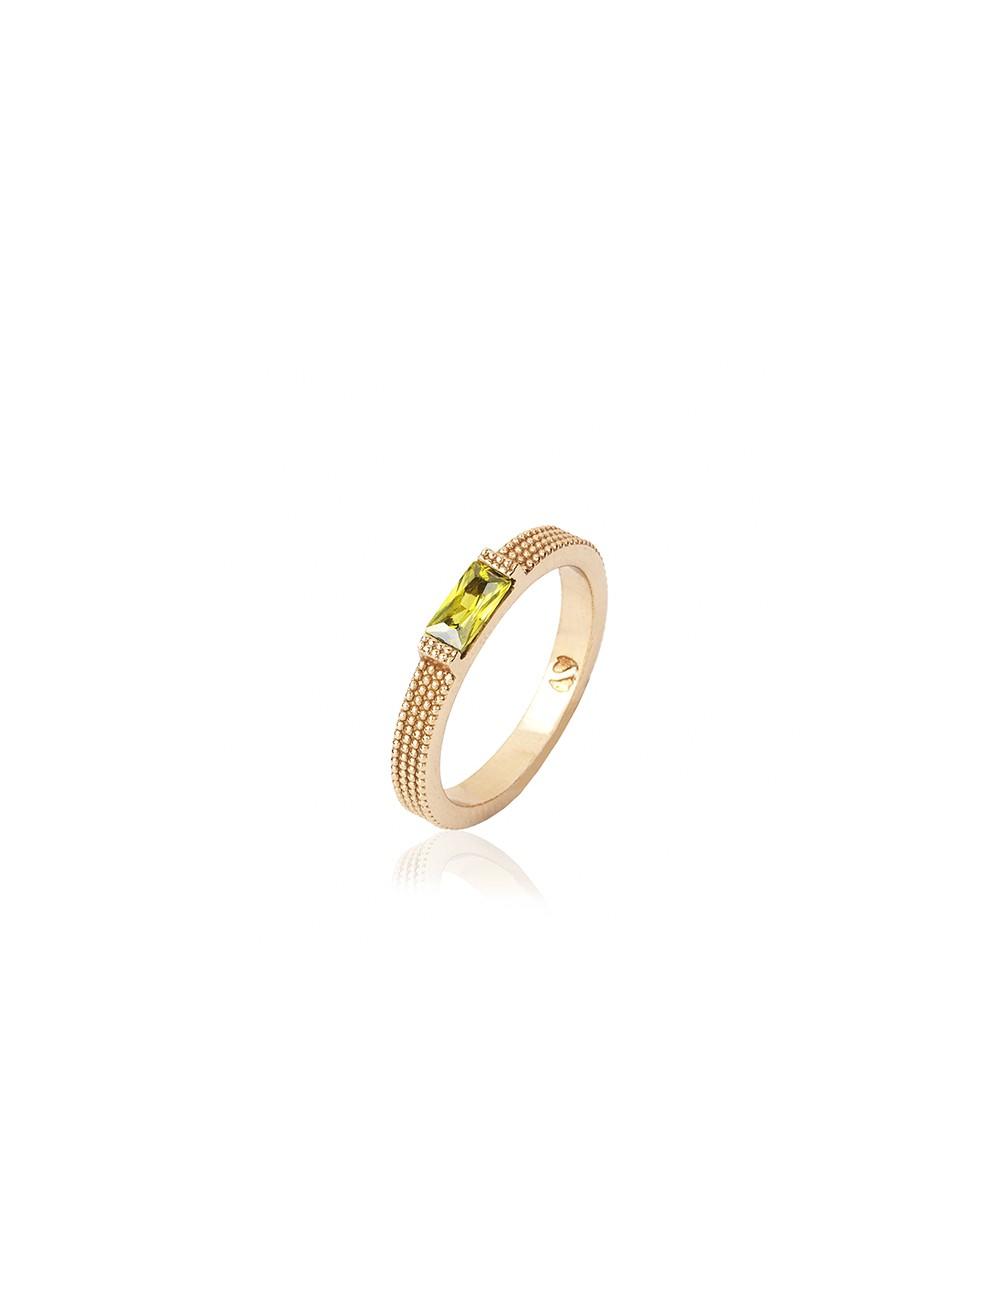 Sunfield -Anillo Sunfield plata baño oro rosa y circonita -AN062435-2-20